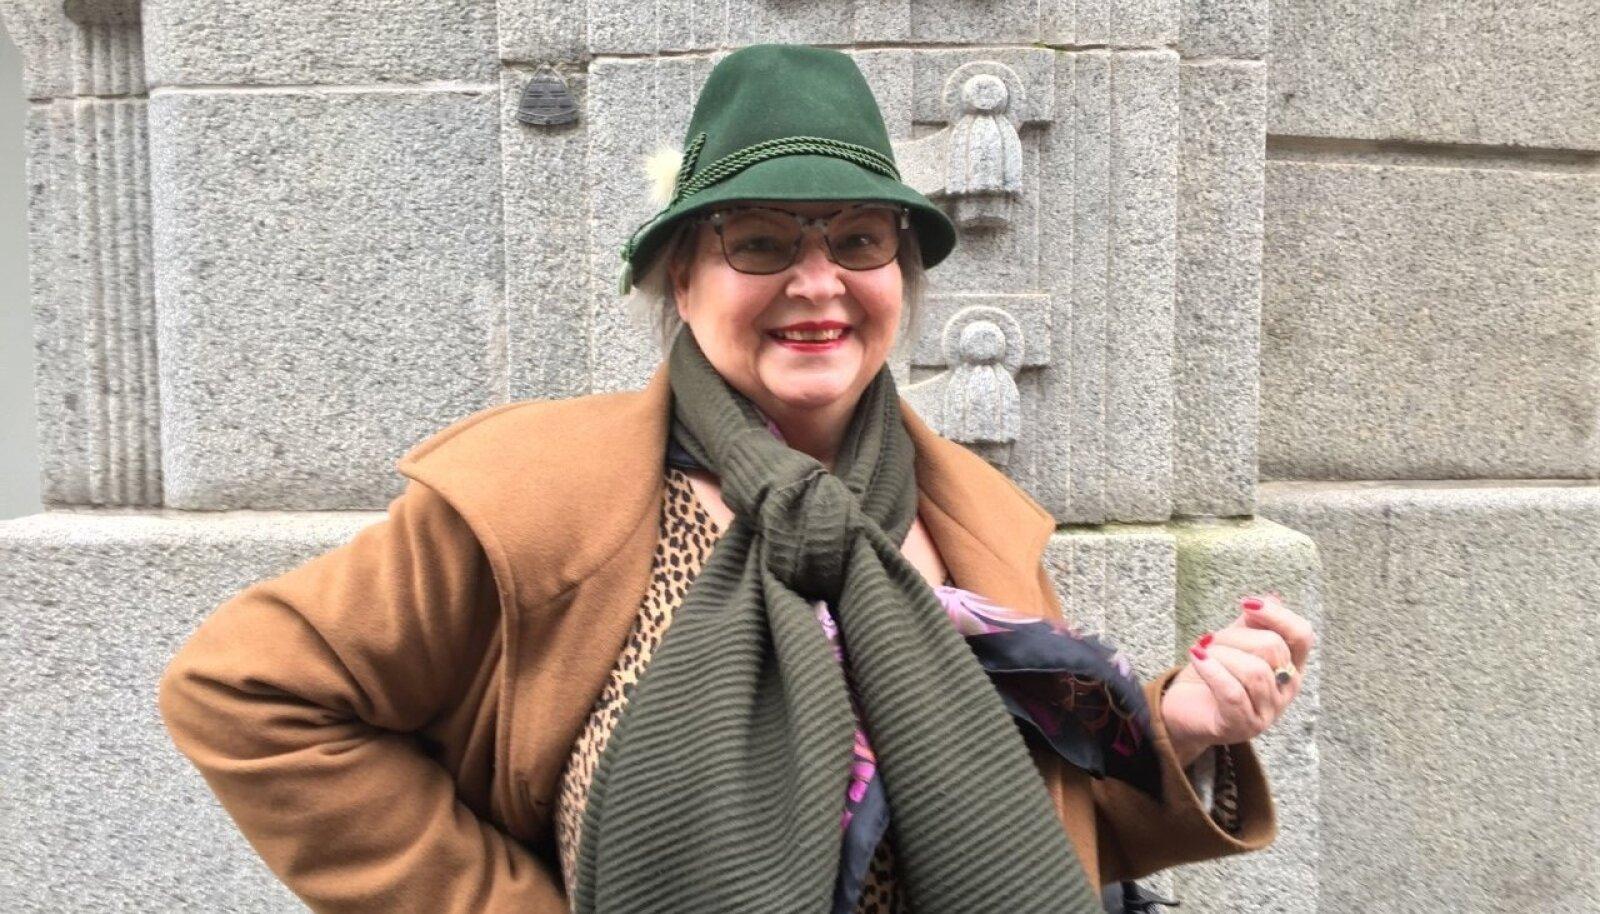 Dividendide toel elab Soome esimene naisinvestor Marja-Leena Haapanen pensionärina isegi paremat elu kui tööl käies.